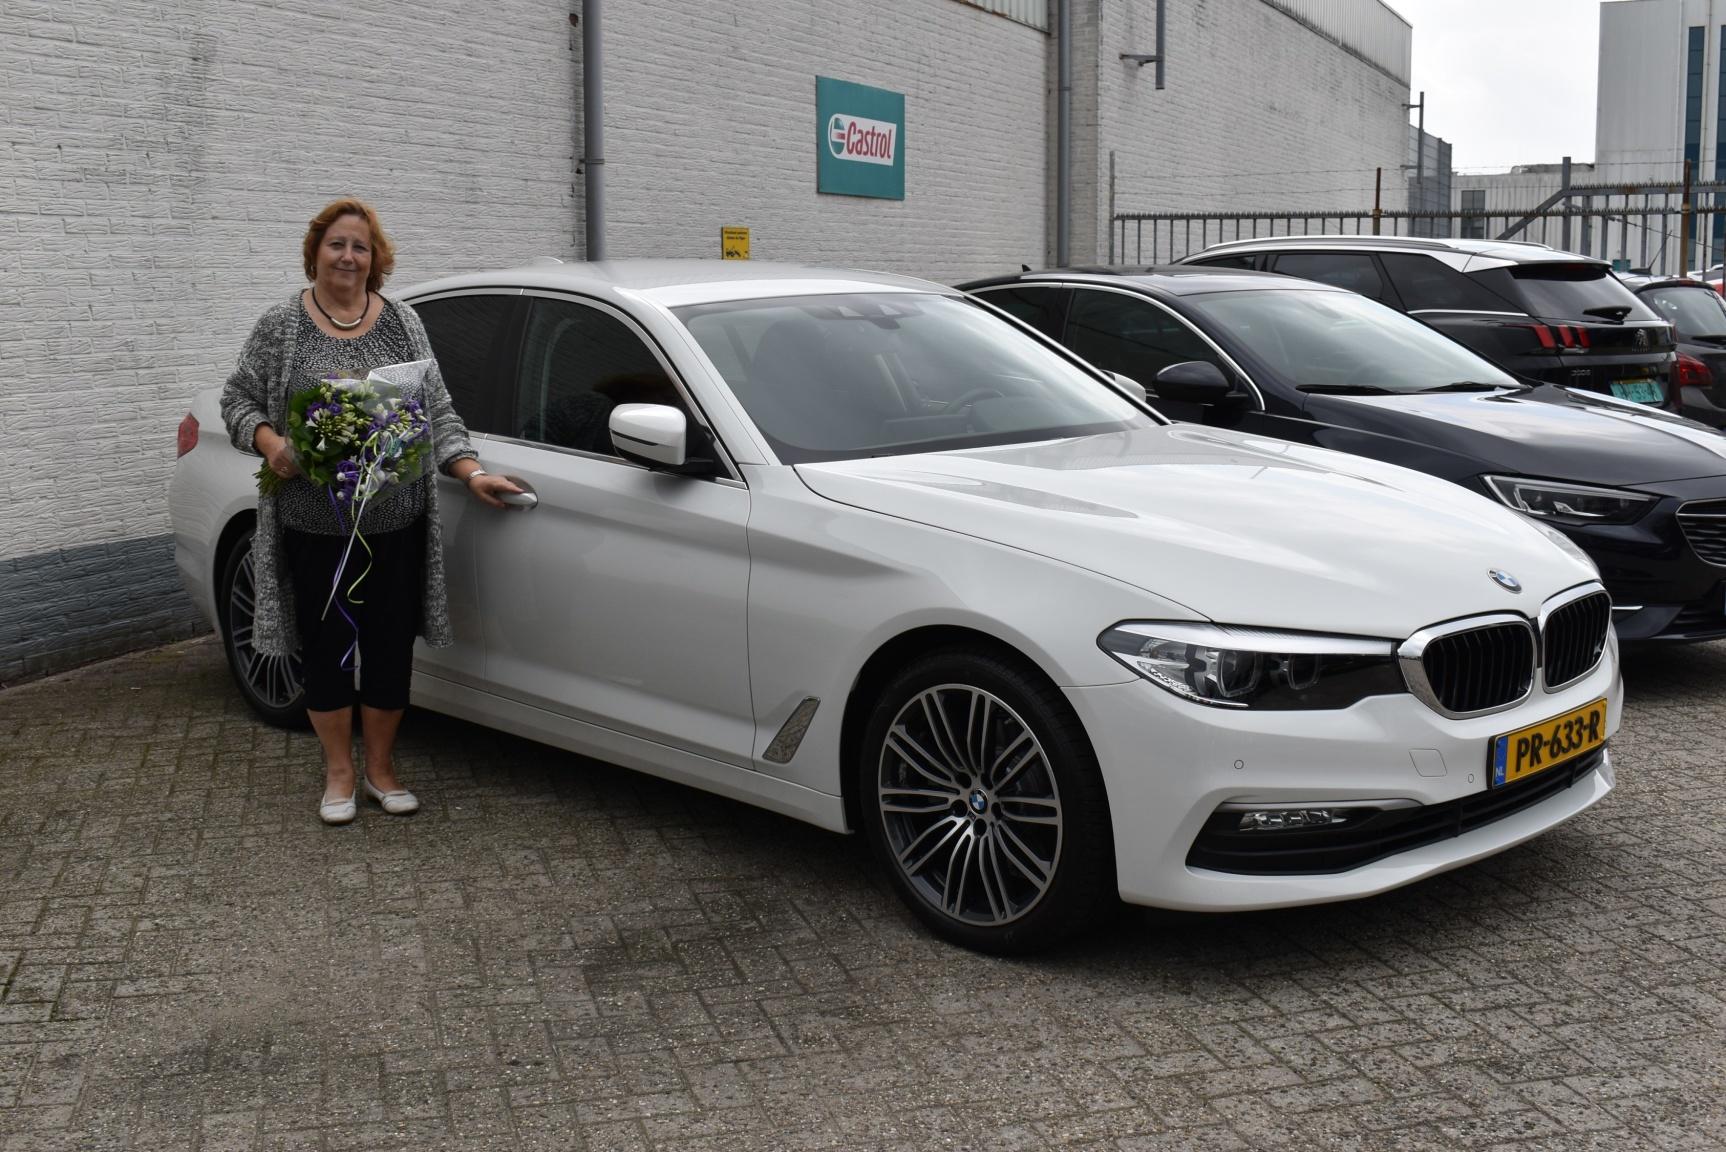 Aflevering BMW 520i-2021-08-18 14:51:41